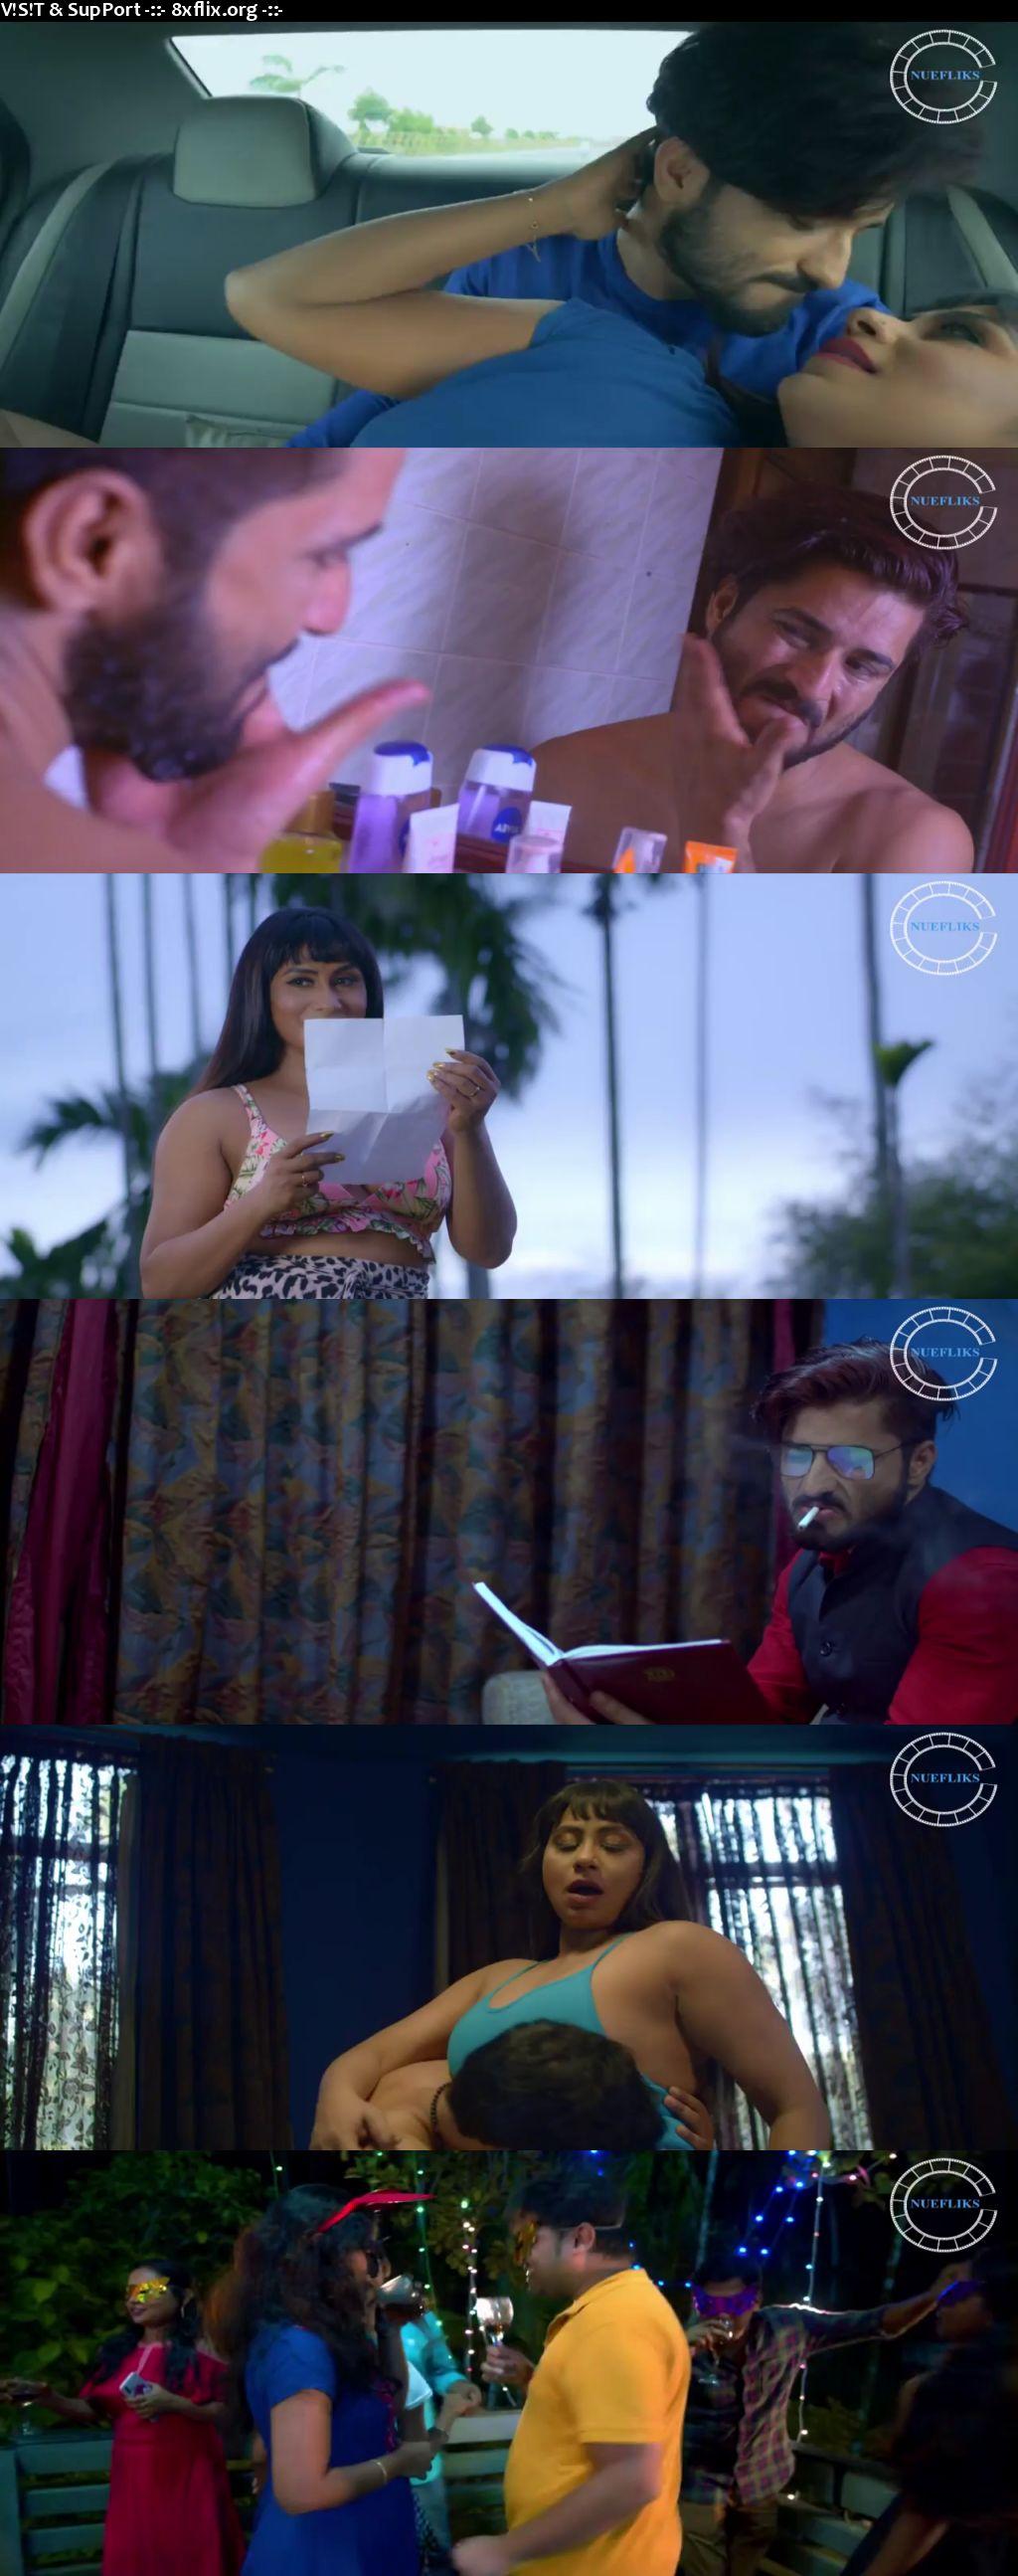 18+ My Darling 2021 Full Hindi HOT Movie Download 720p HDRip